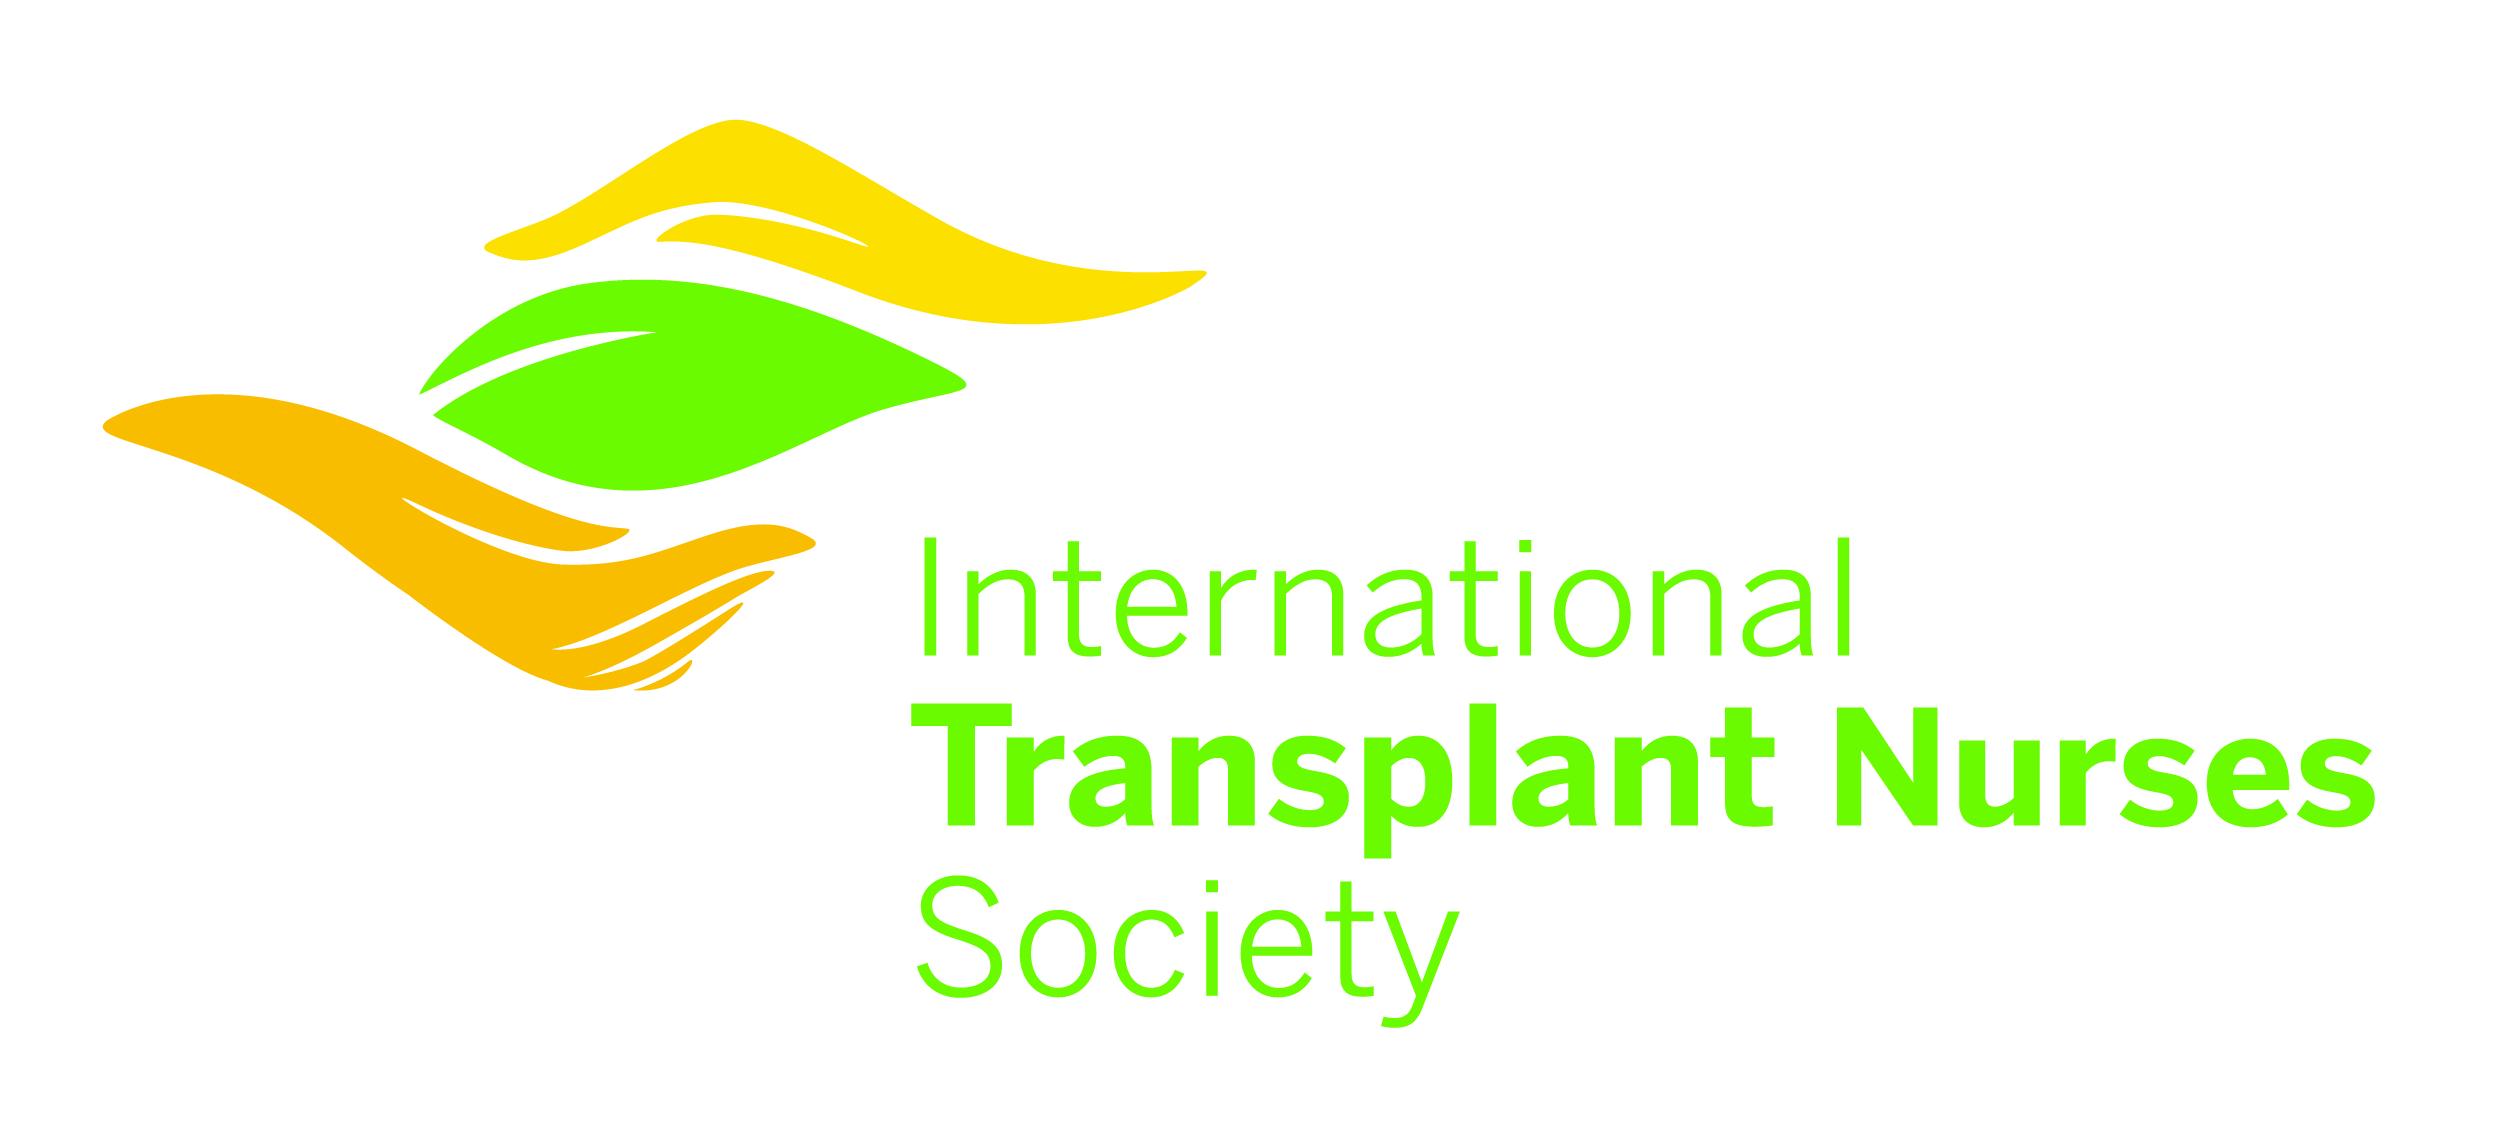 logo for International Transplant Nurses Society